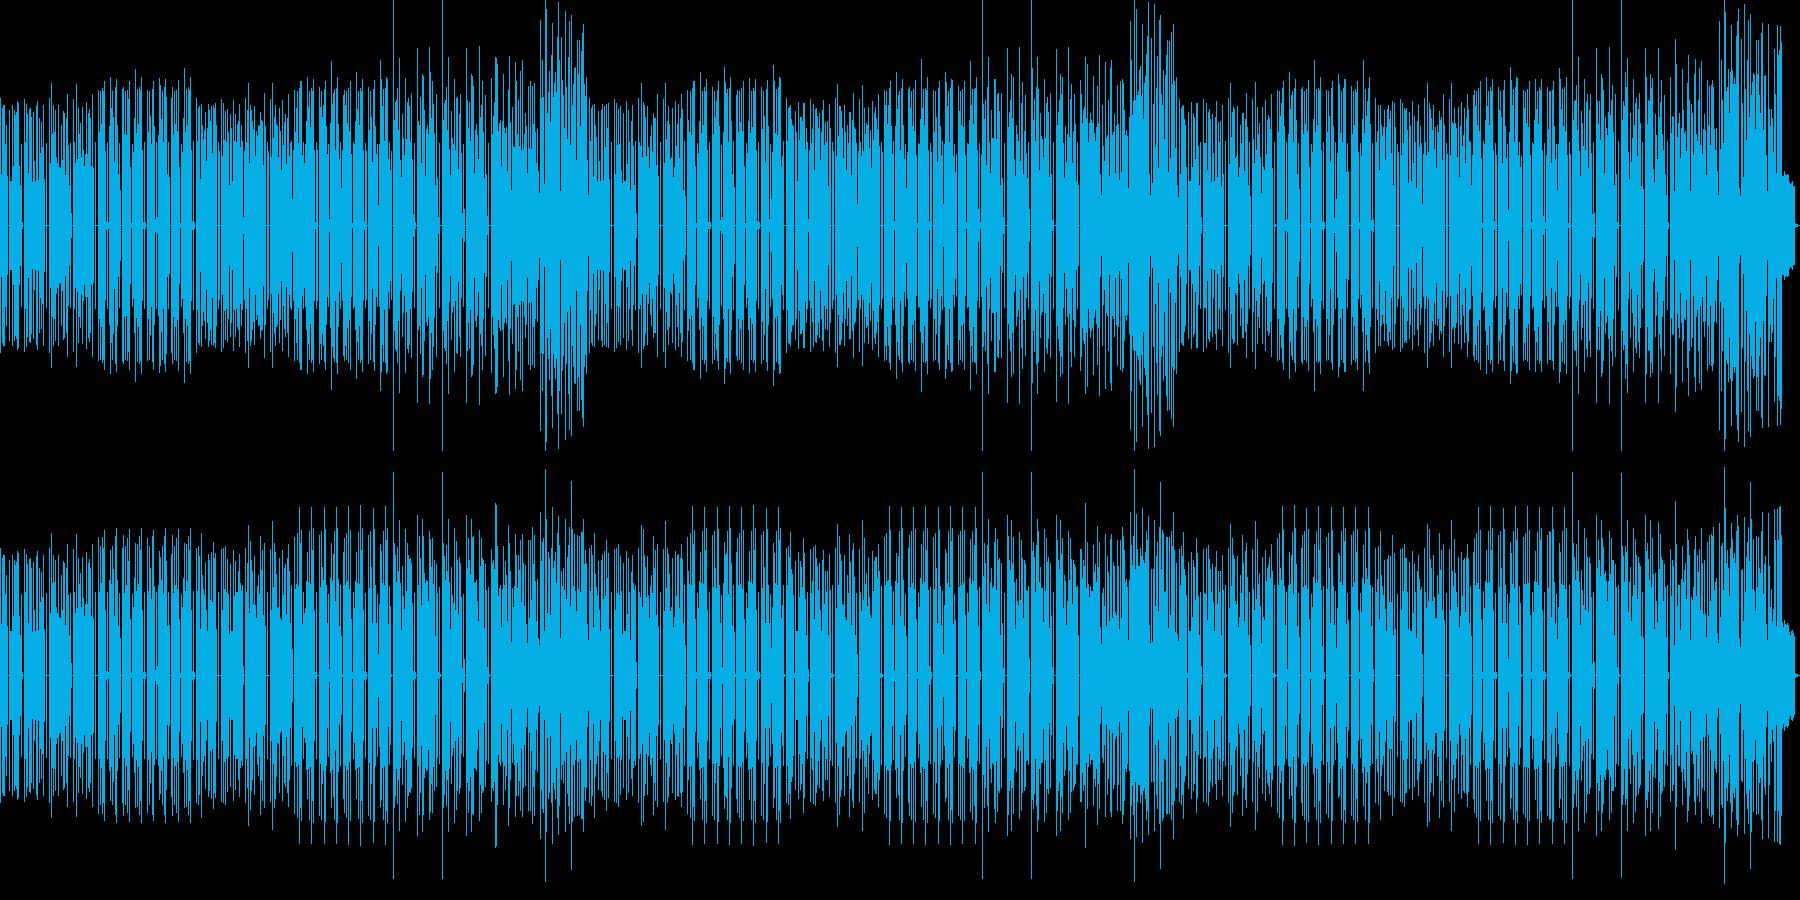 シンプルな和風曲の再生済みの波形